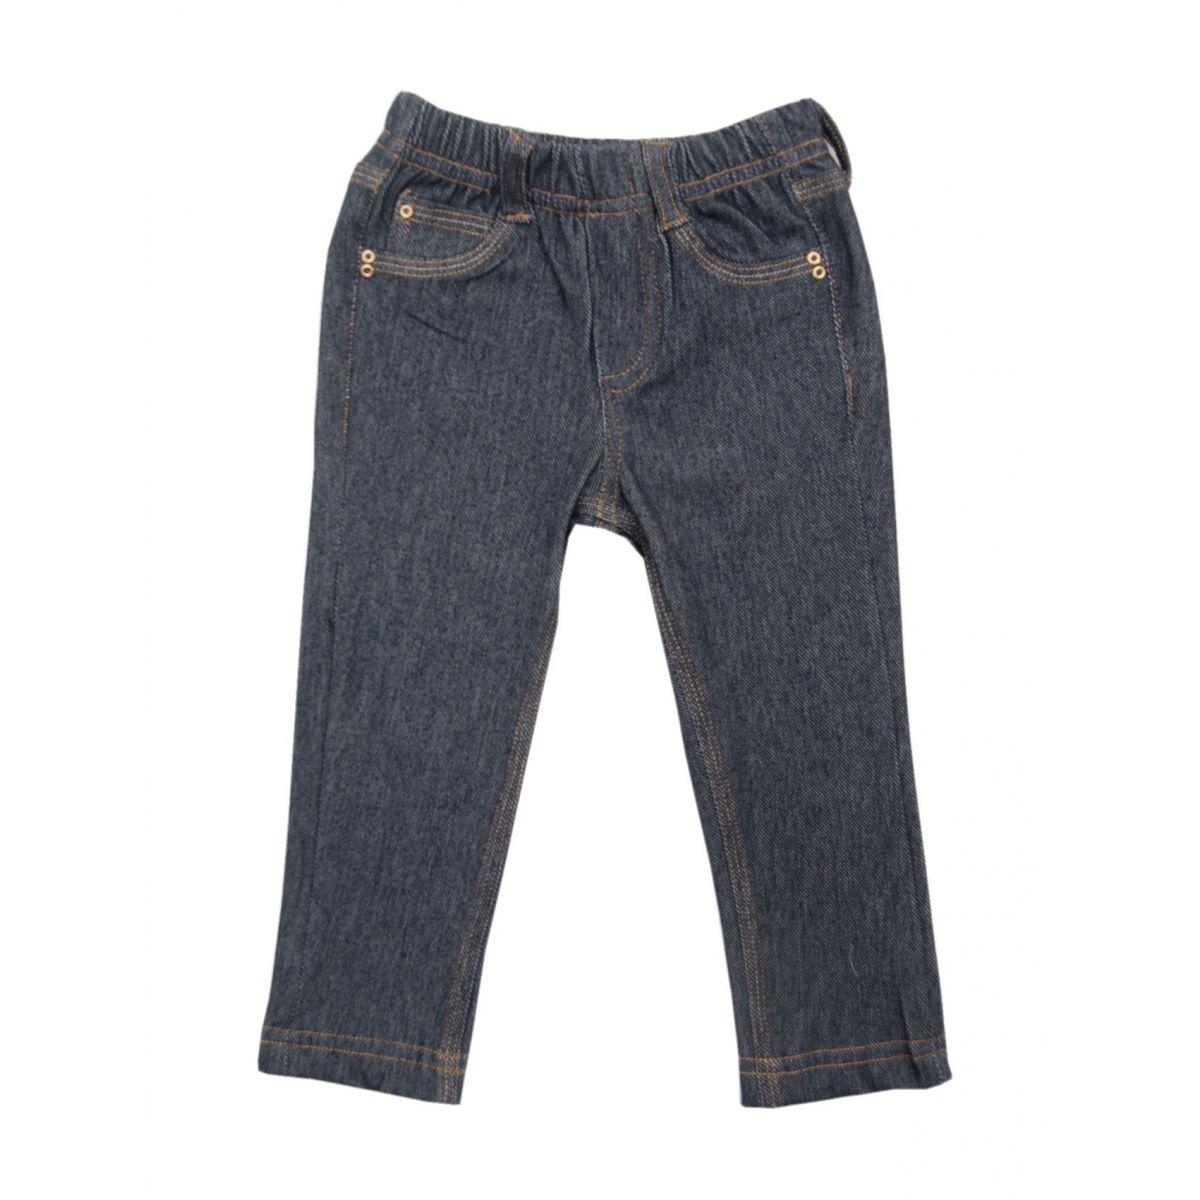 Calça Infantil Comfort Jeans Skinny BY BIBE